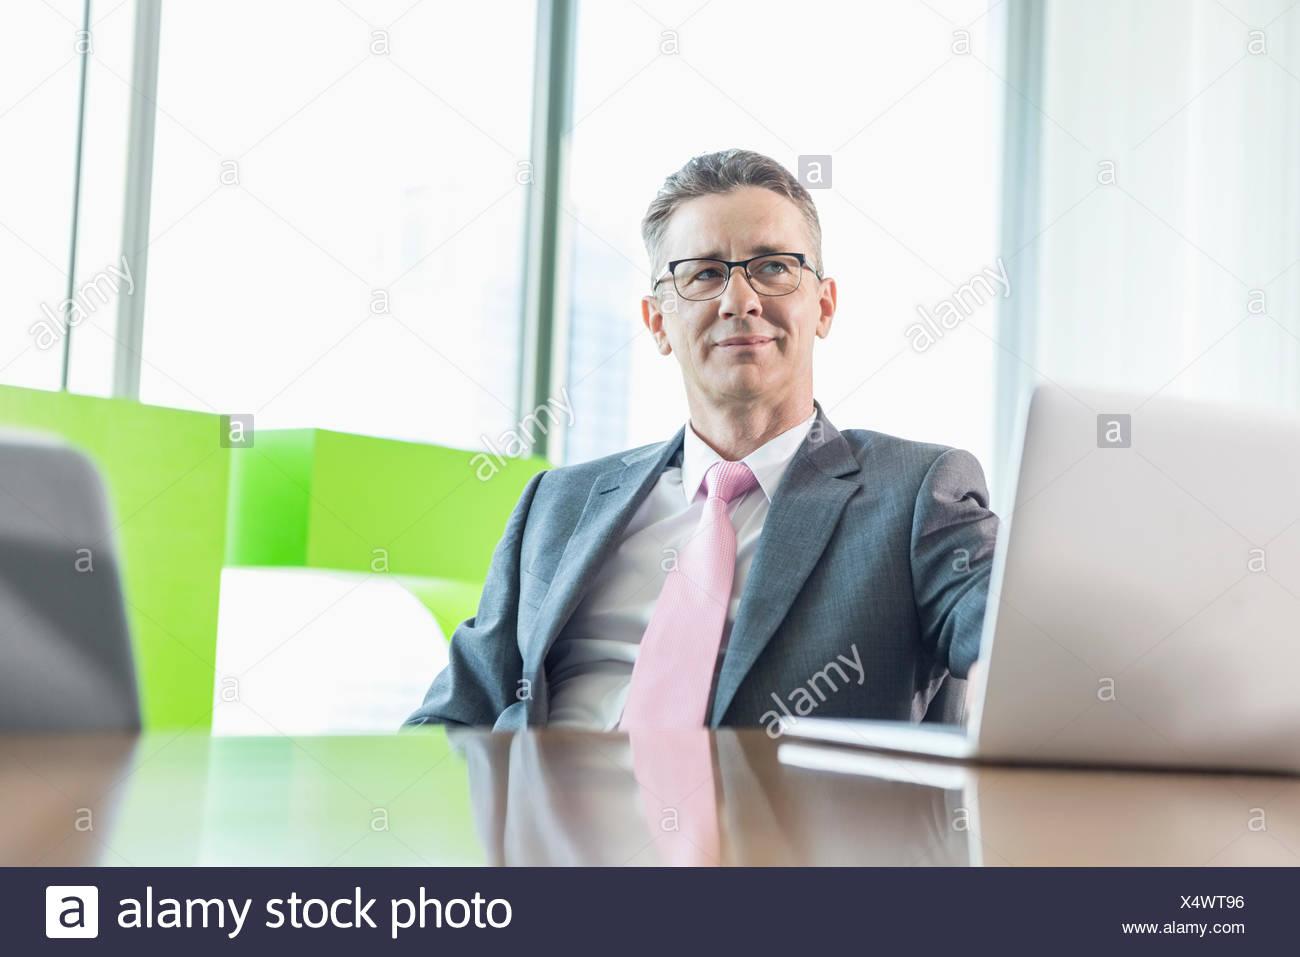 Empresario de mediana edad con laptop sentado en una mesa de conferencias Imagen De Stock